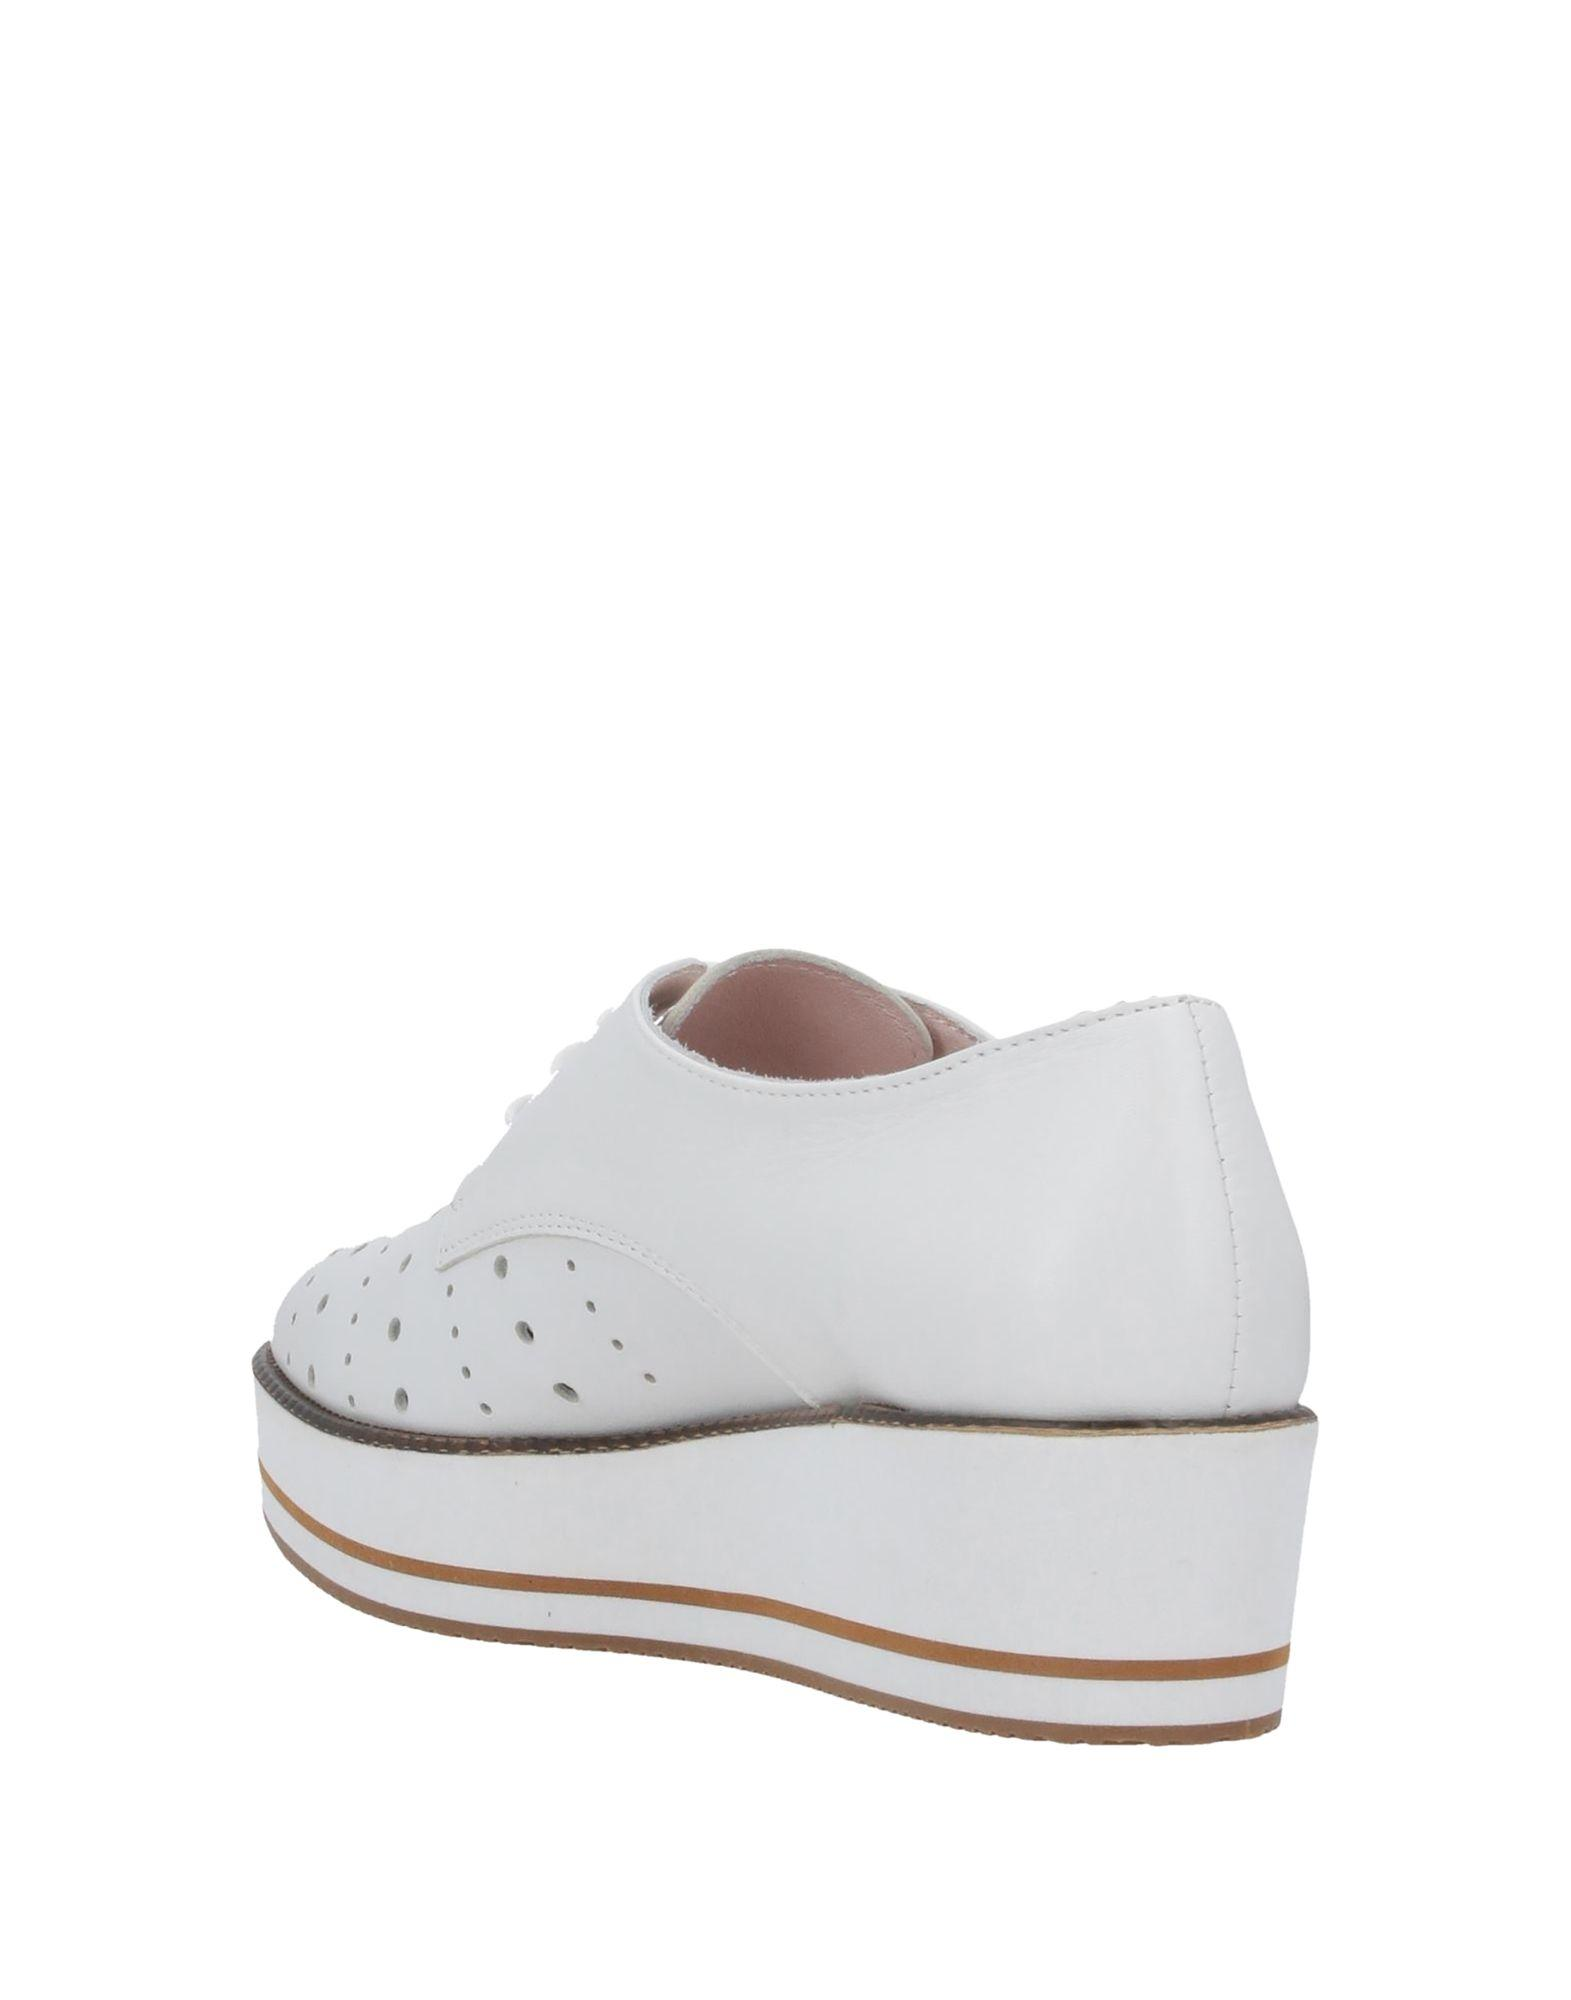 Zapatos de cordones Tosca Blu de Cuero de color Blanco